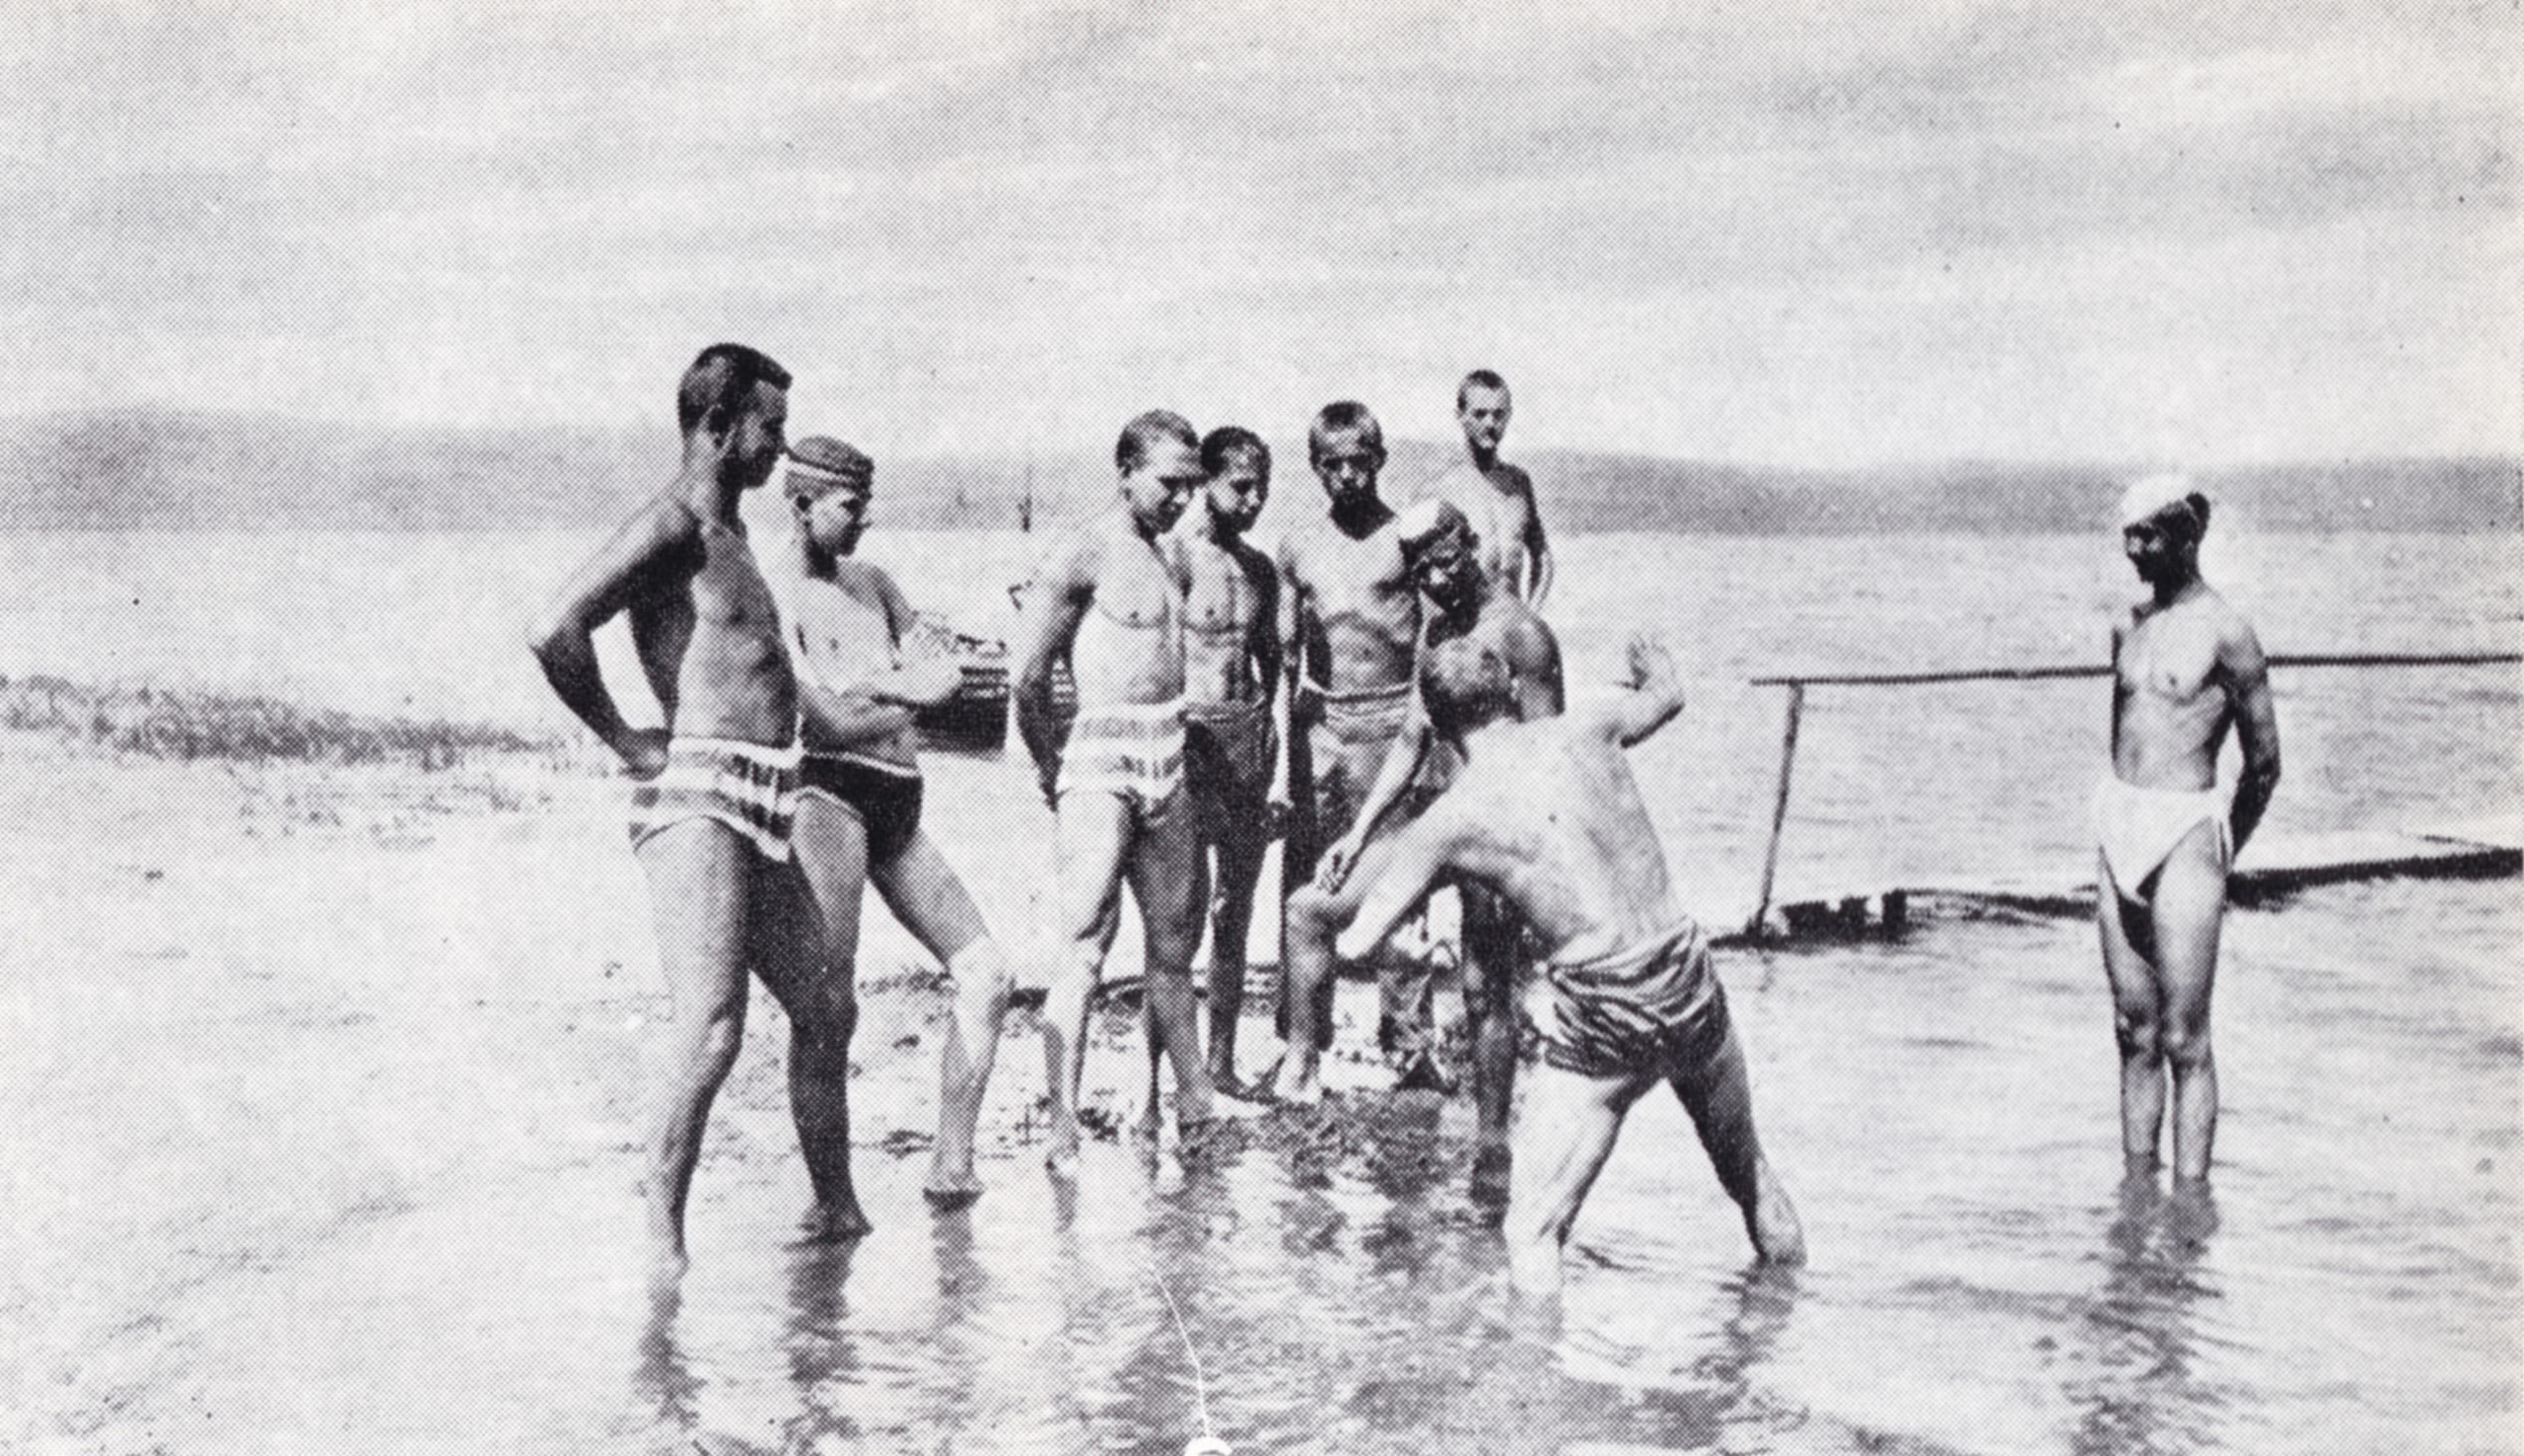 """1895-ben a Balatonnál a """"magyar tempó"""" úszóstílust gyakorolják későbbi kiváló sportolók. Balról a második Speidl Zoltán, mellette a későbbi olimpiai bajnok Hajós Alfréd"""